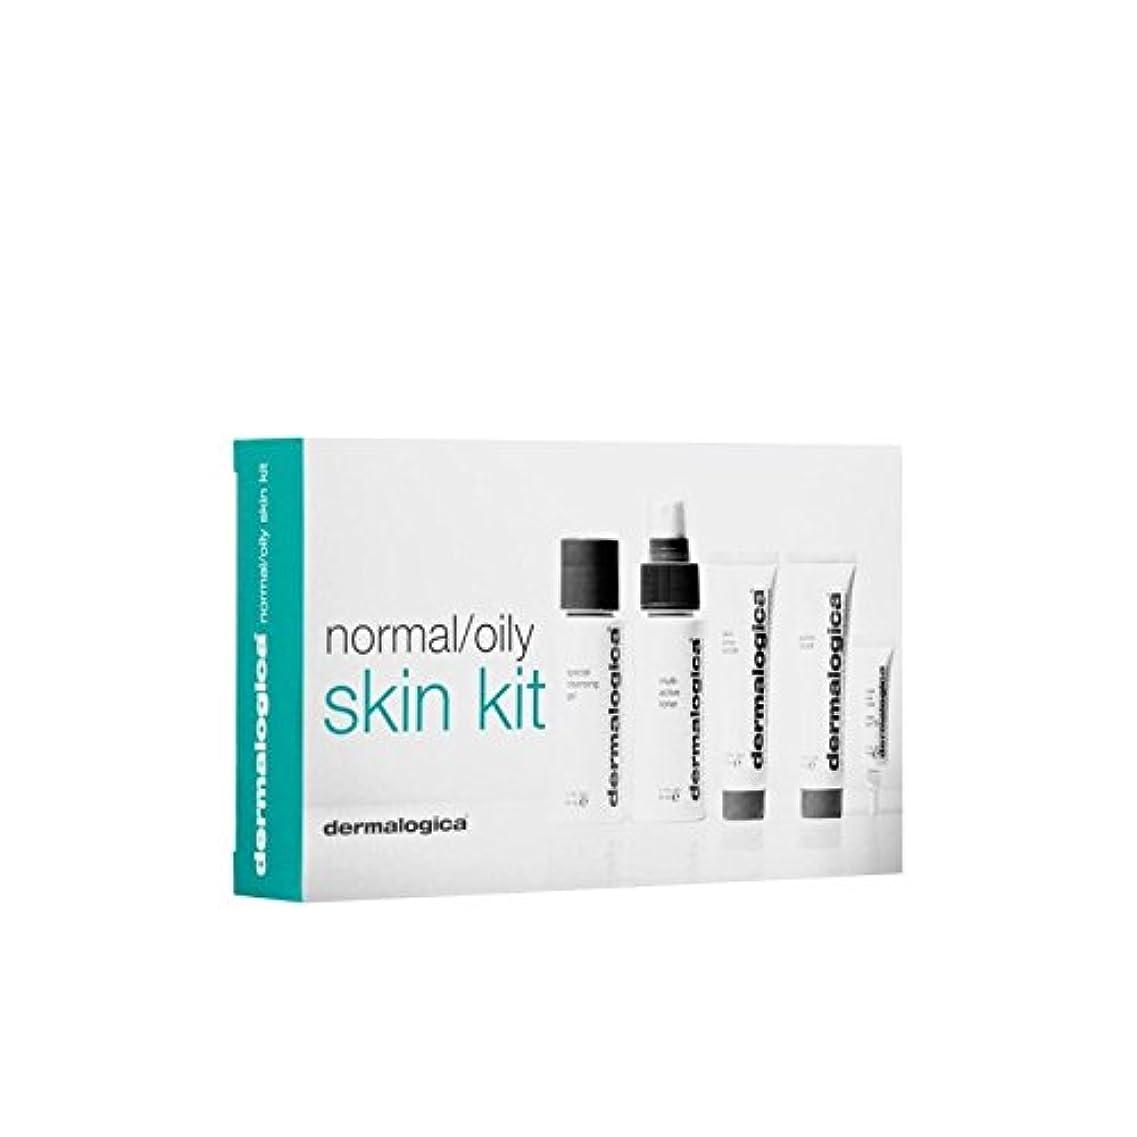 可動式誇大妄想ジャニスDermalogica Skin Kit - Normal/Oily (5 Products) (Pack of 6) - ダーマロジカスキンキット - ノーマル/オイリー(5製品) x6 [並行輸入品]